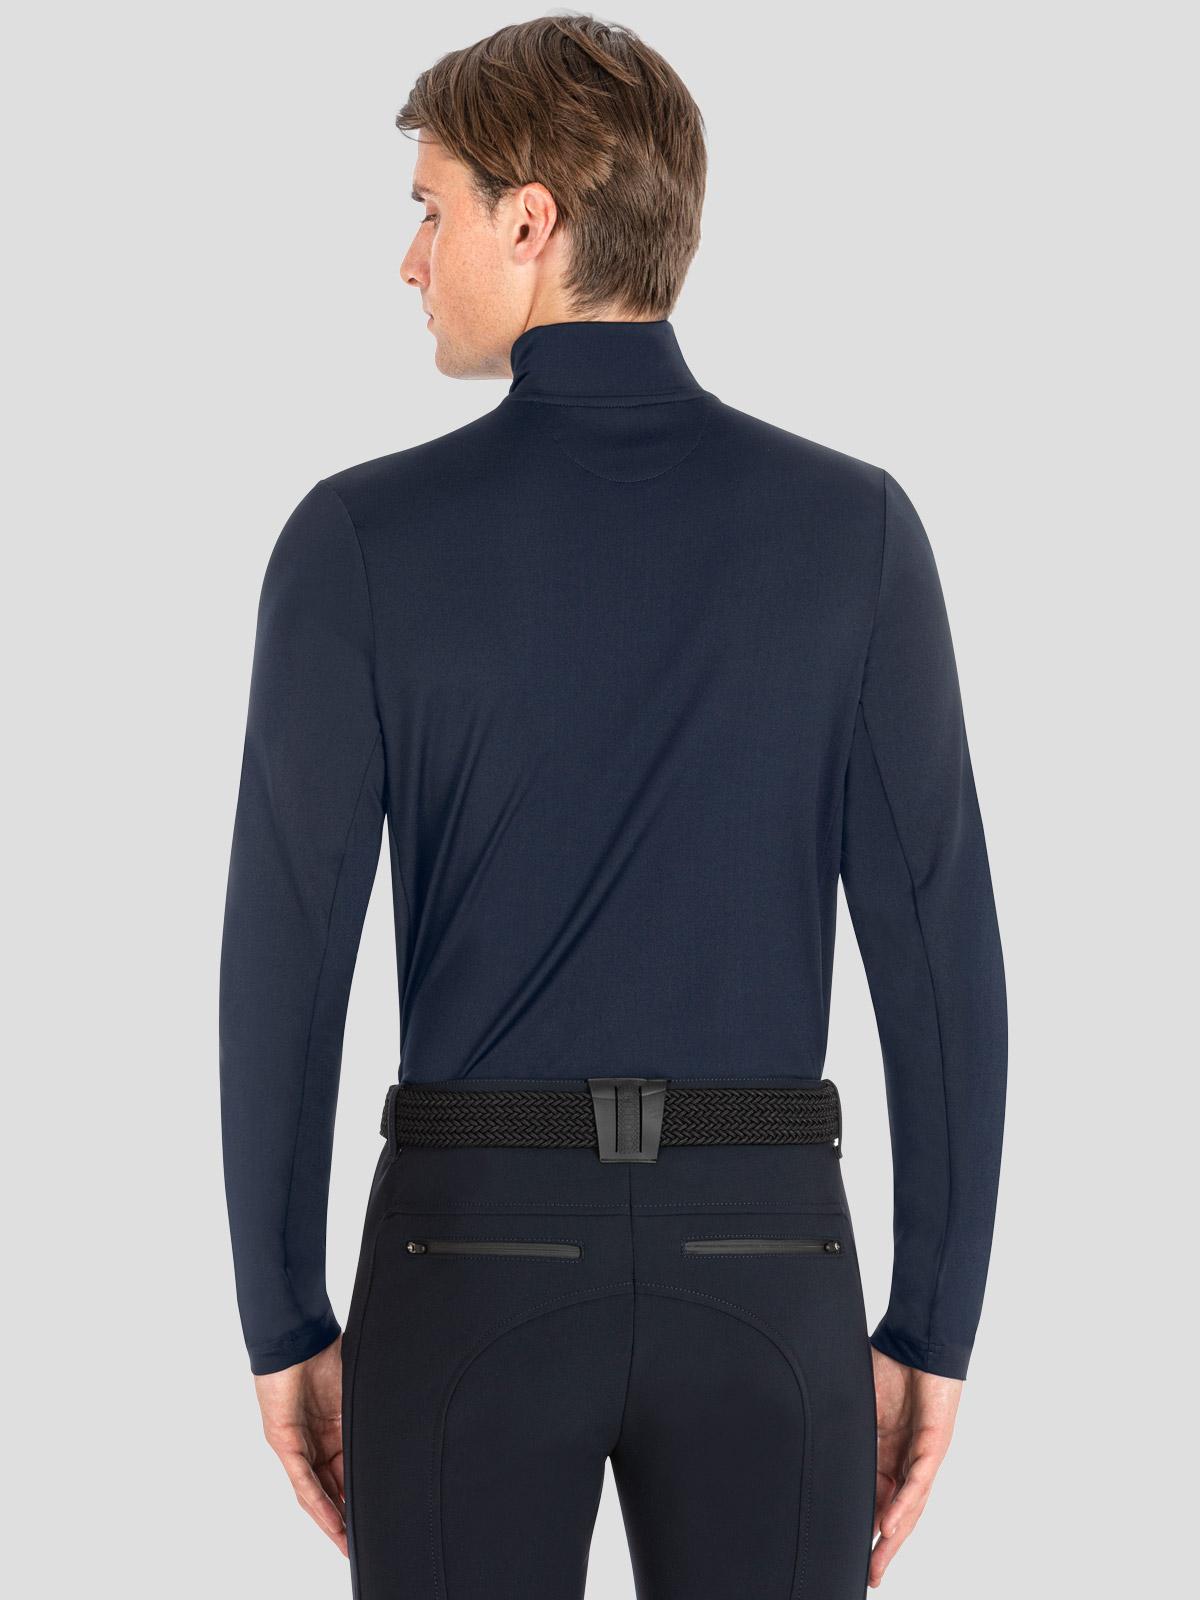 ELM Men's Long-Sleeve 1/4-Zip Training Top 2